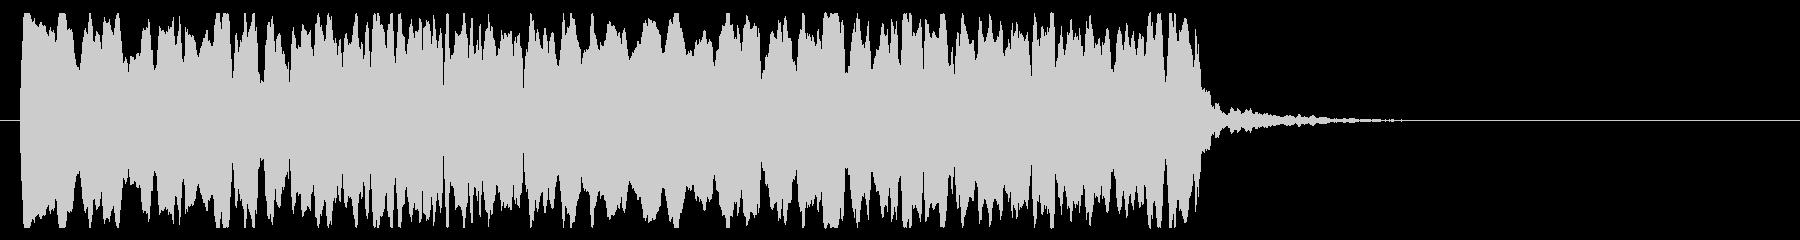 8bitパワーU-D-01-4_revの未再生の波形